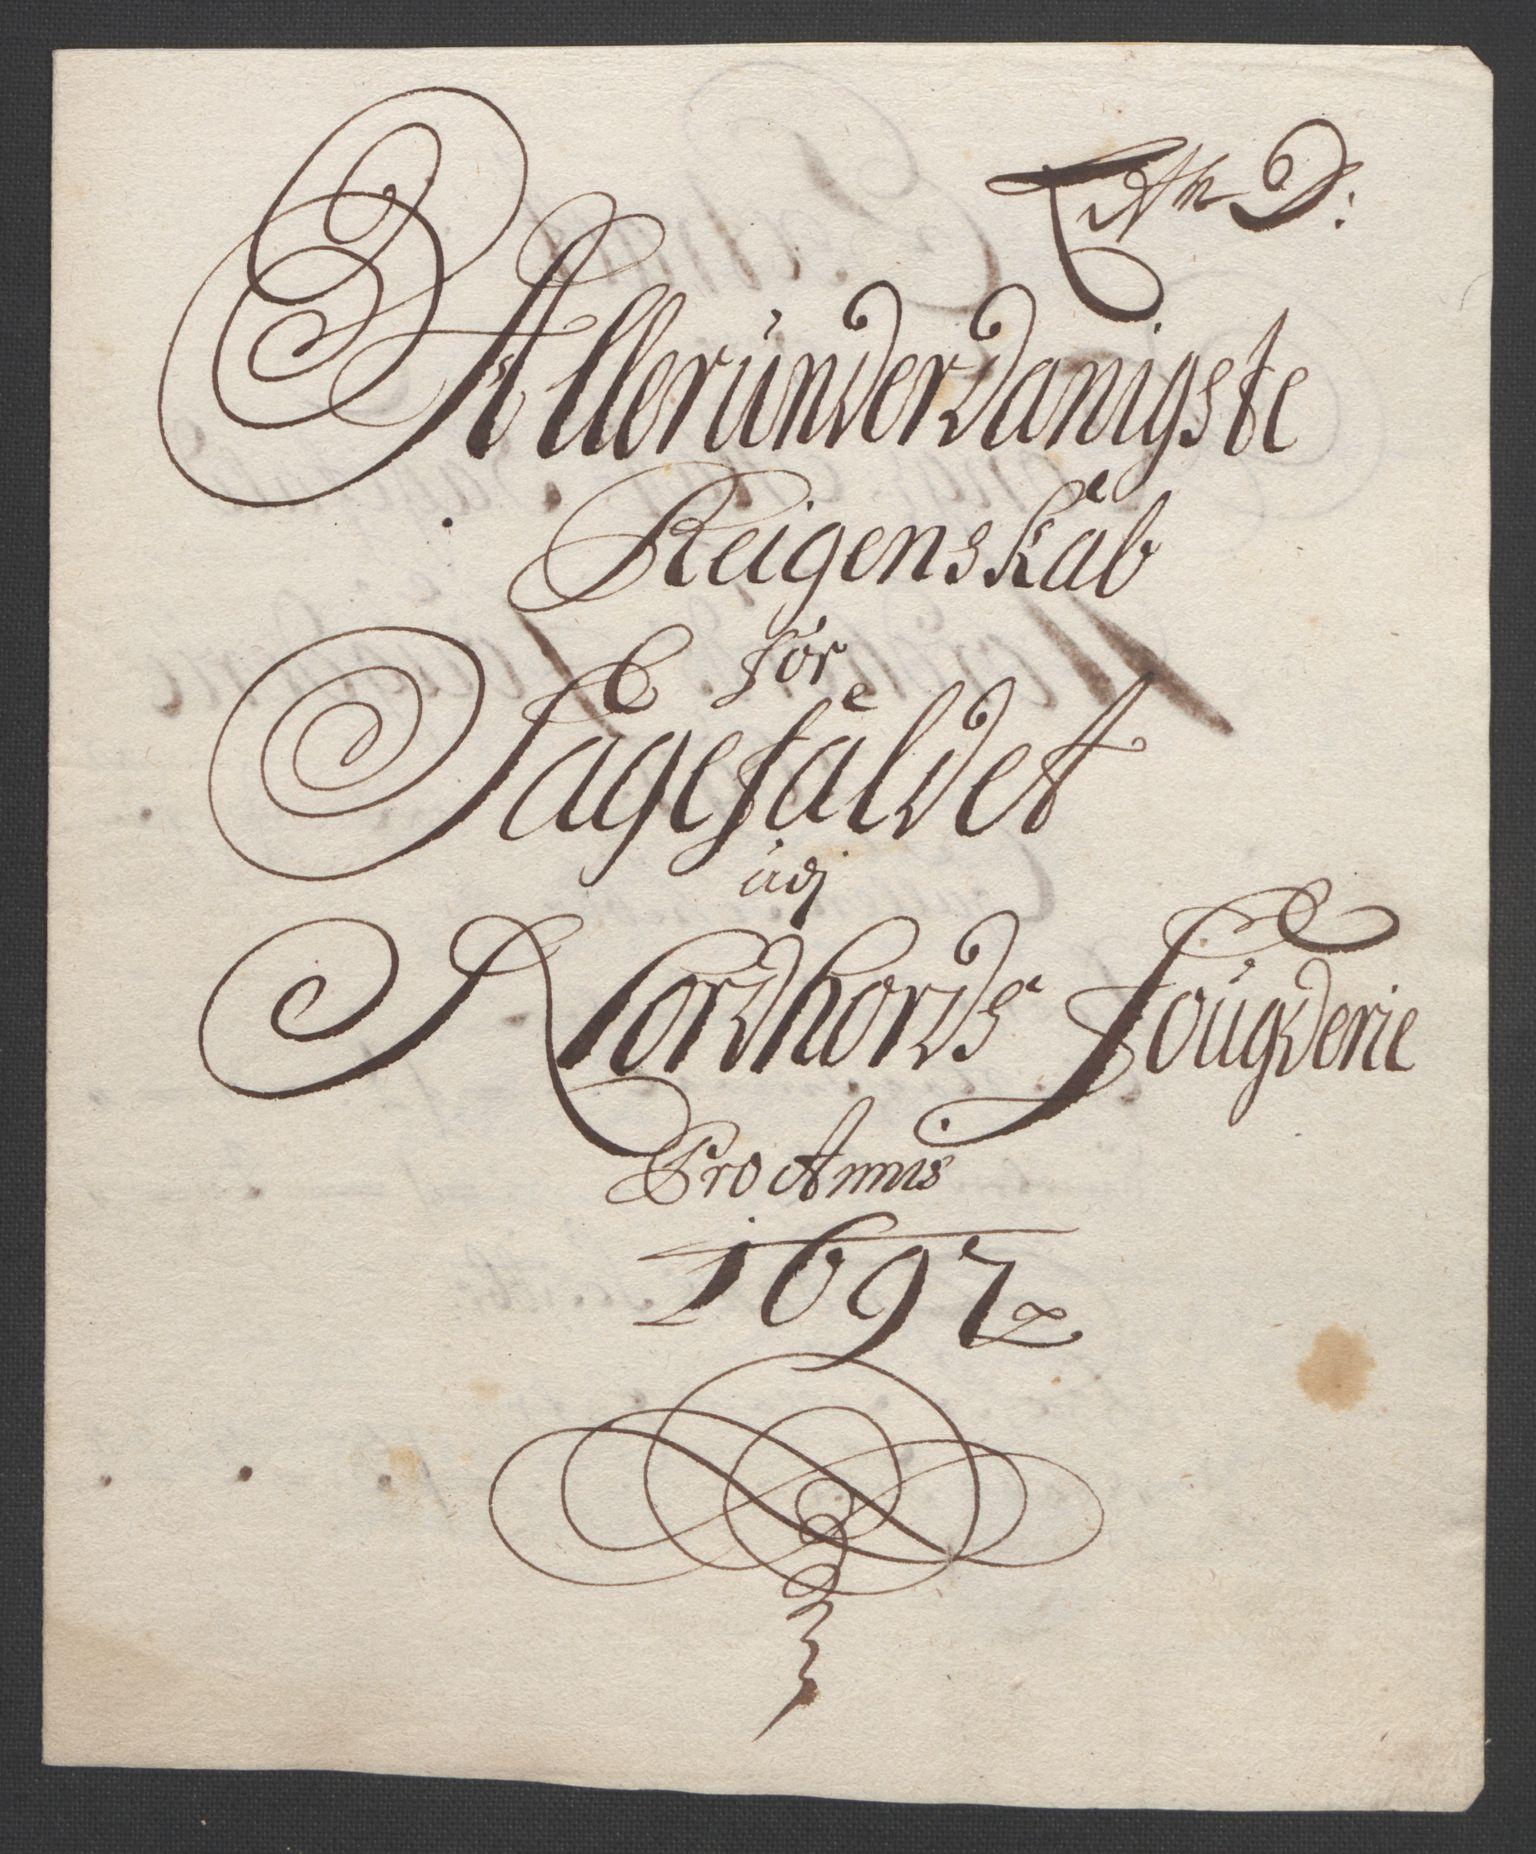 RA, Rentekammeret inntil 1814, Reviderte regnskaper, Fogderegnskap, R51/L3183: Fogderegnskap Nordhordland og Voss, 1695-1697, s. 438